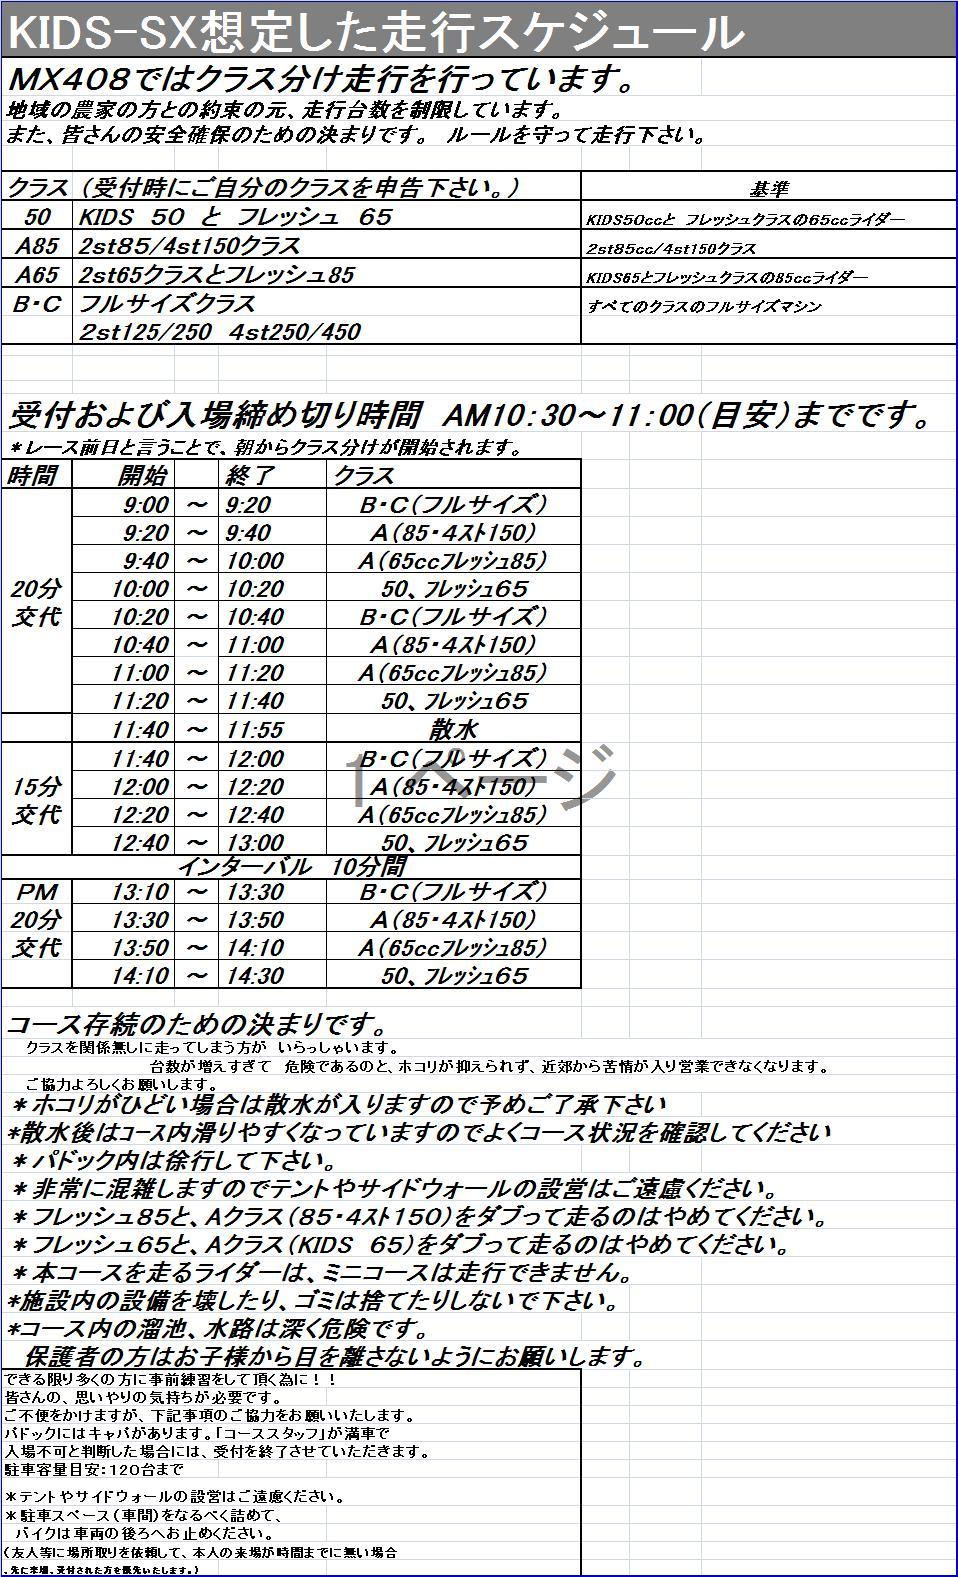 キッズSX最終戦にあたって MX408からのお願い。_f0158379_1930876.jpg